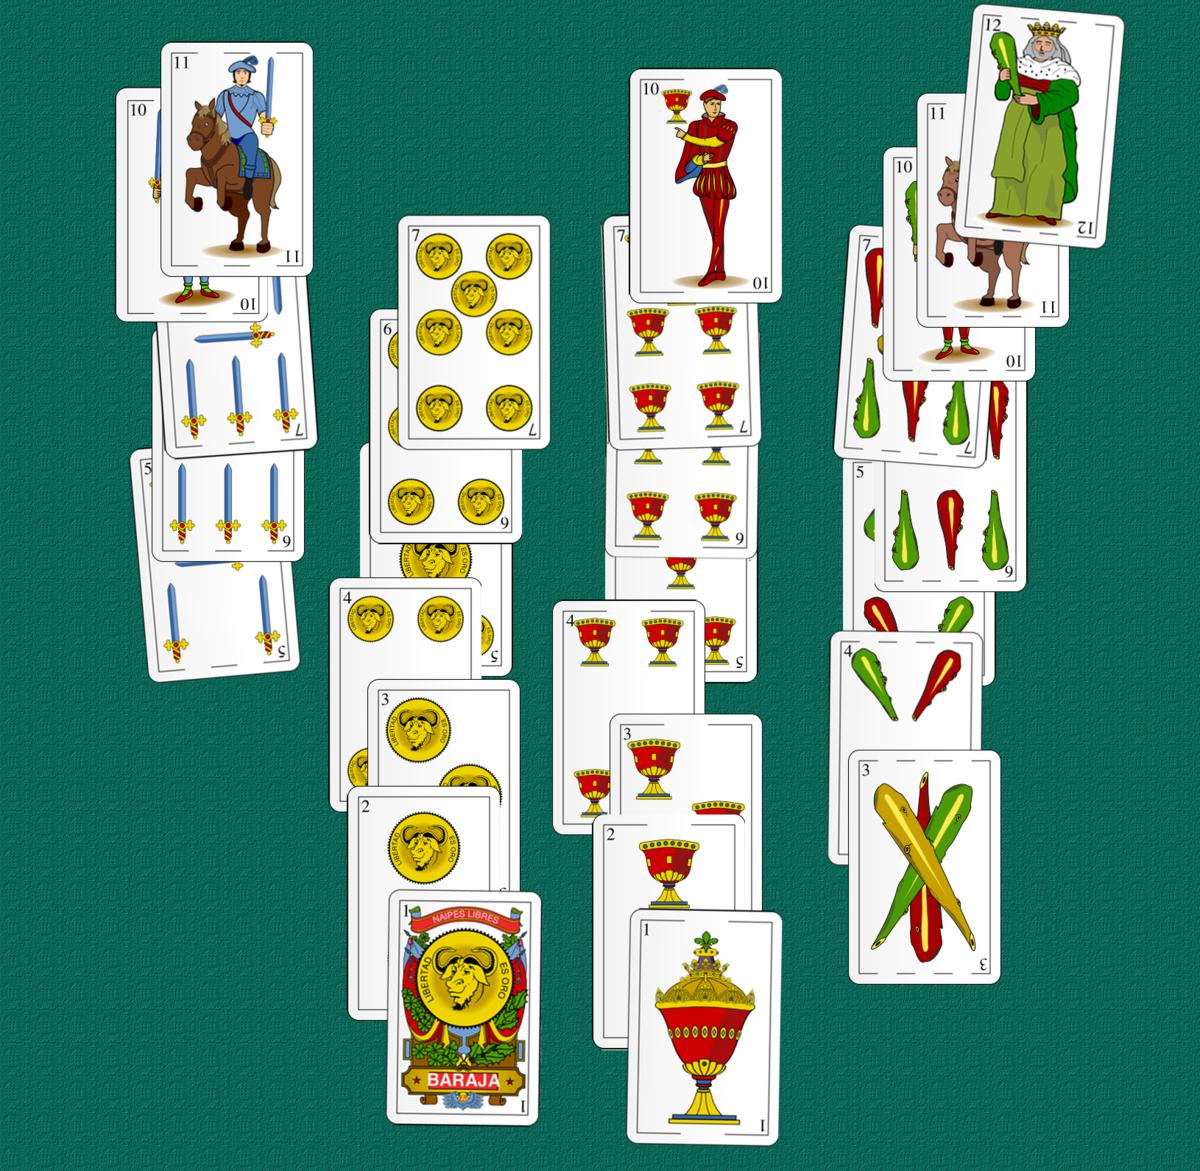 Juegos de mesa - 4 2